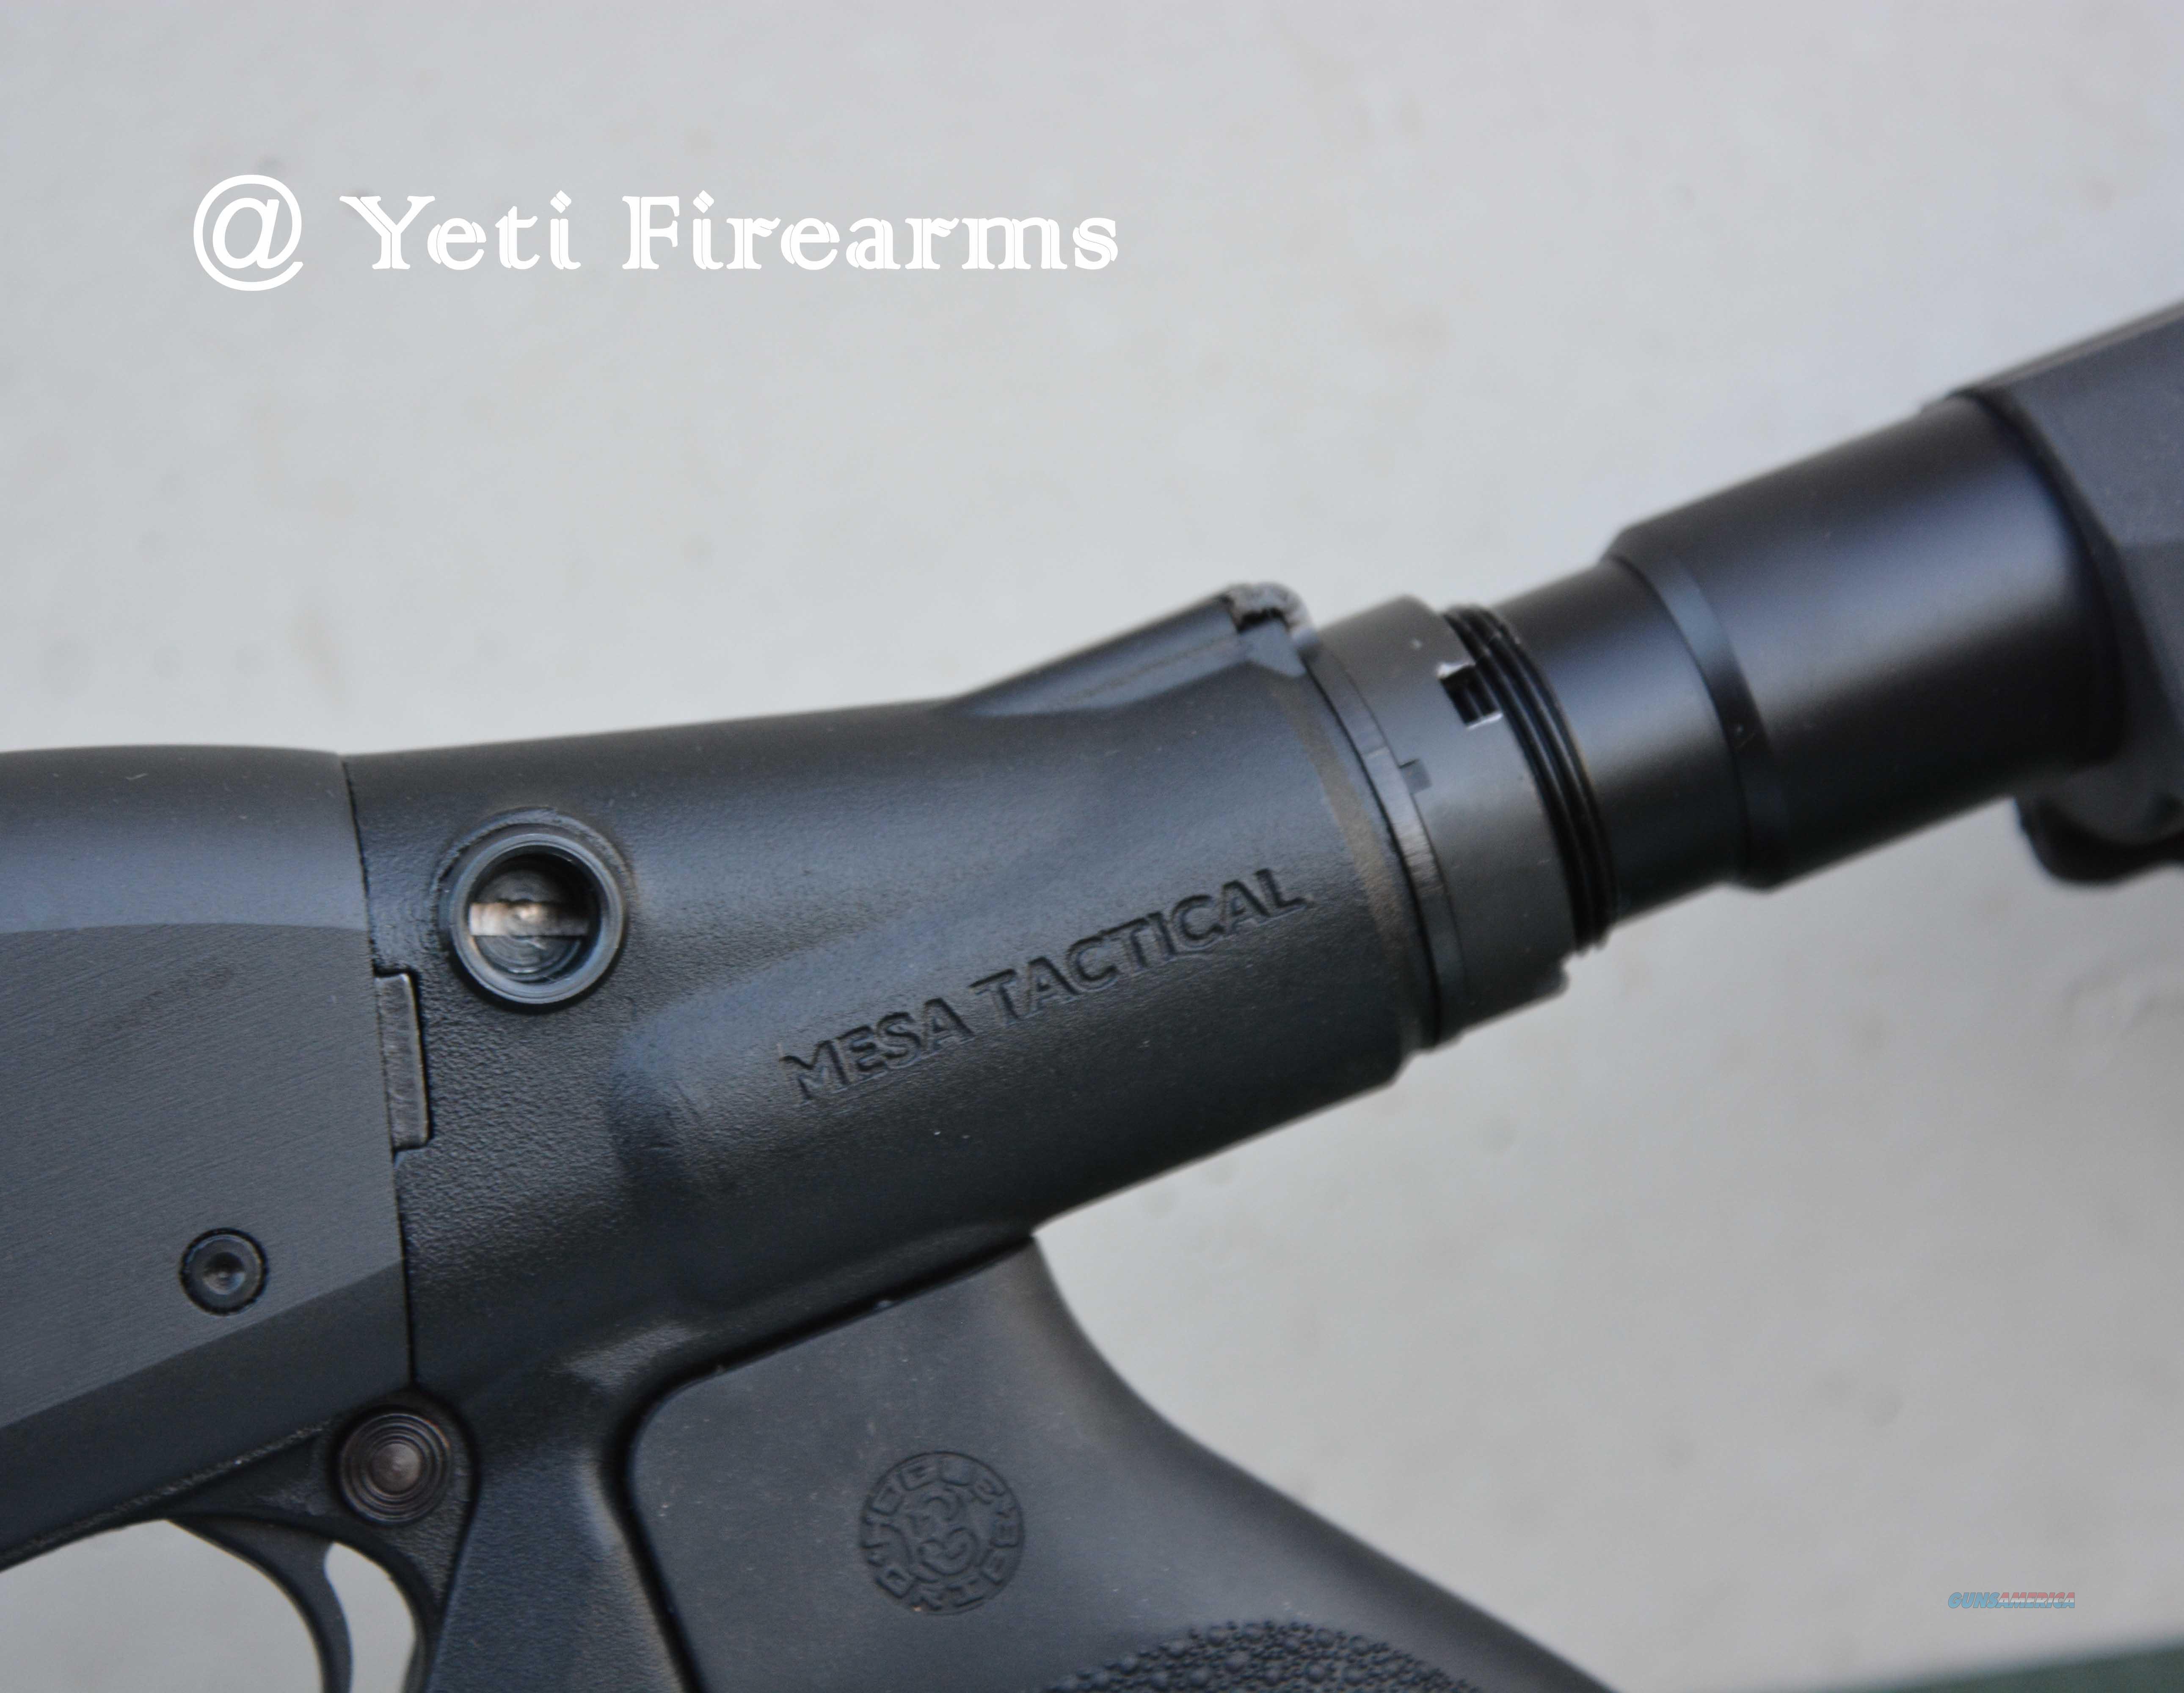 Remington 870 TAC-14 12 Gauge 81240 14